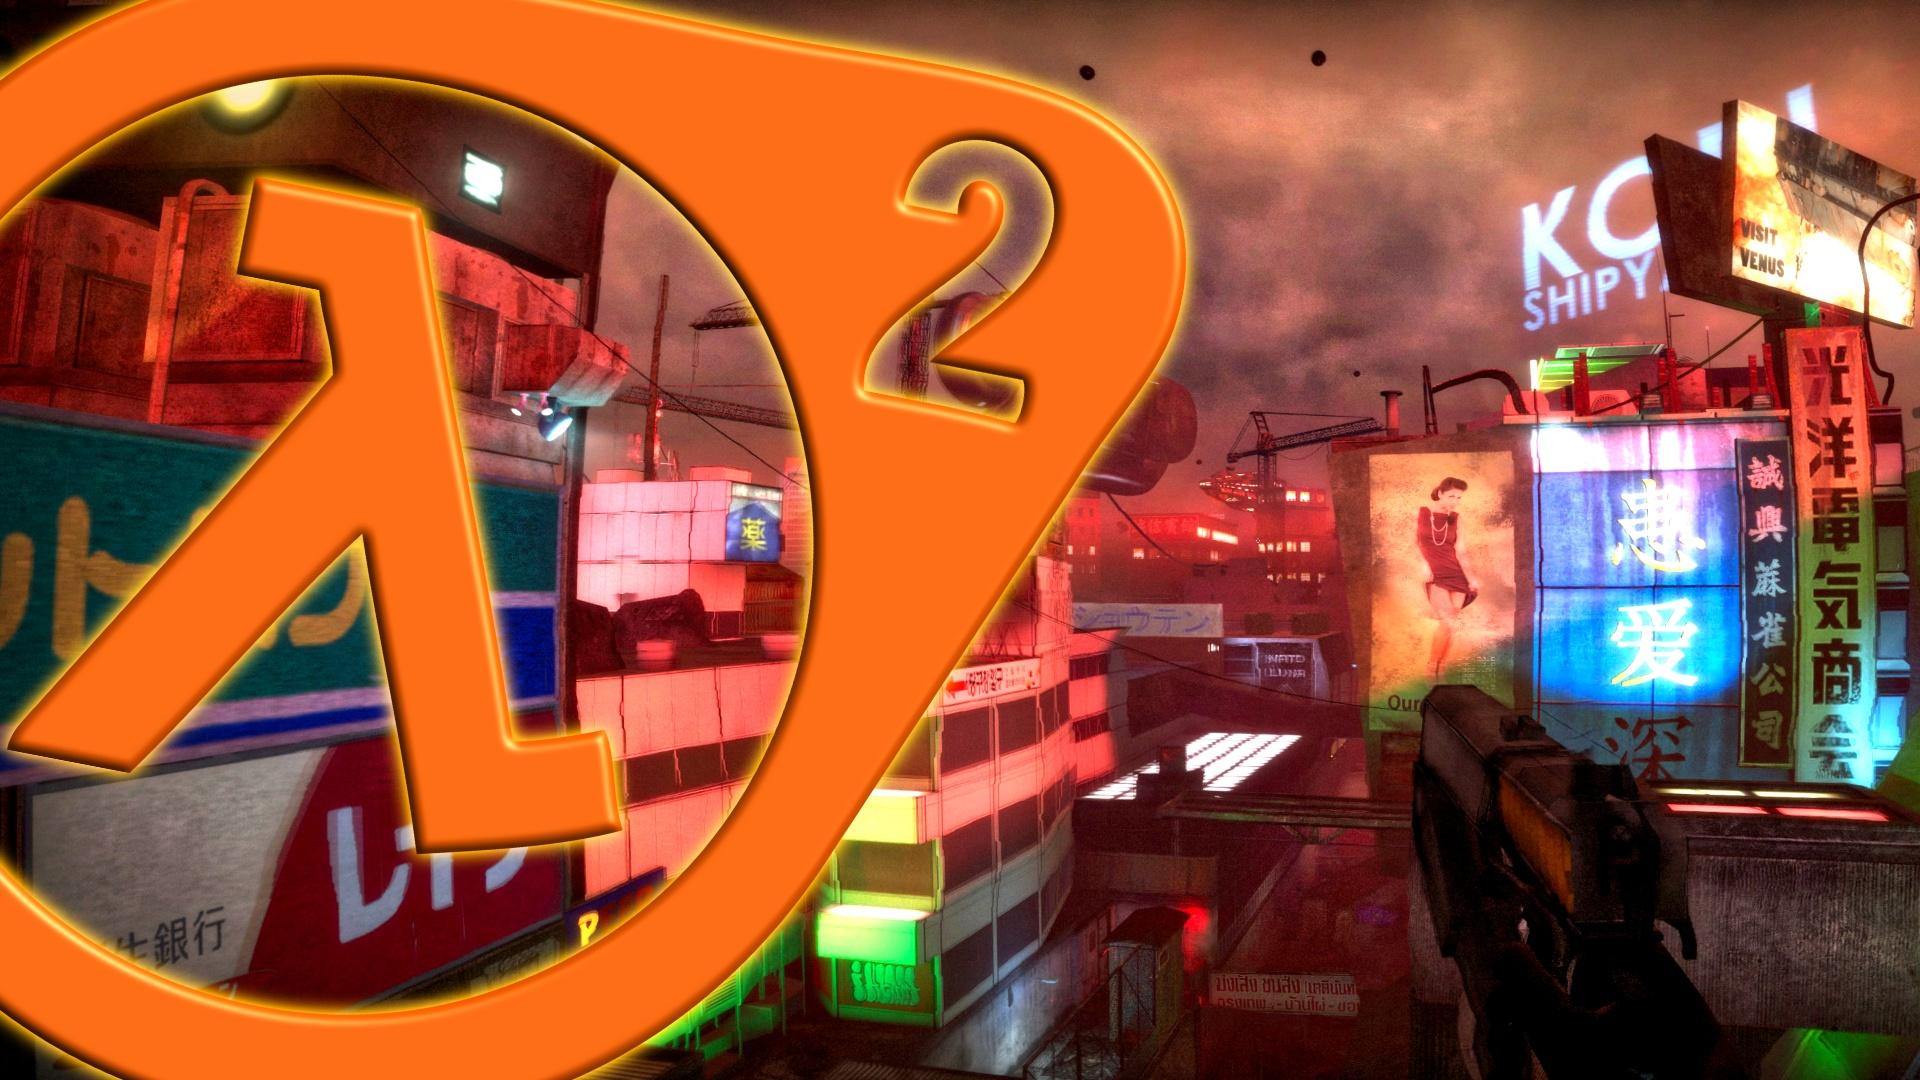 Half-Life-2 Mod ist ein Cyberpunk-Spiel und wird auf Steam veröffentlicht